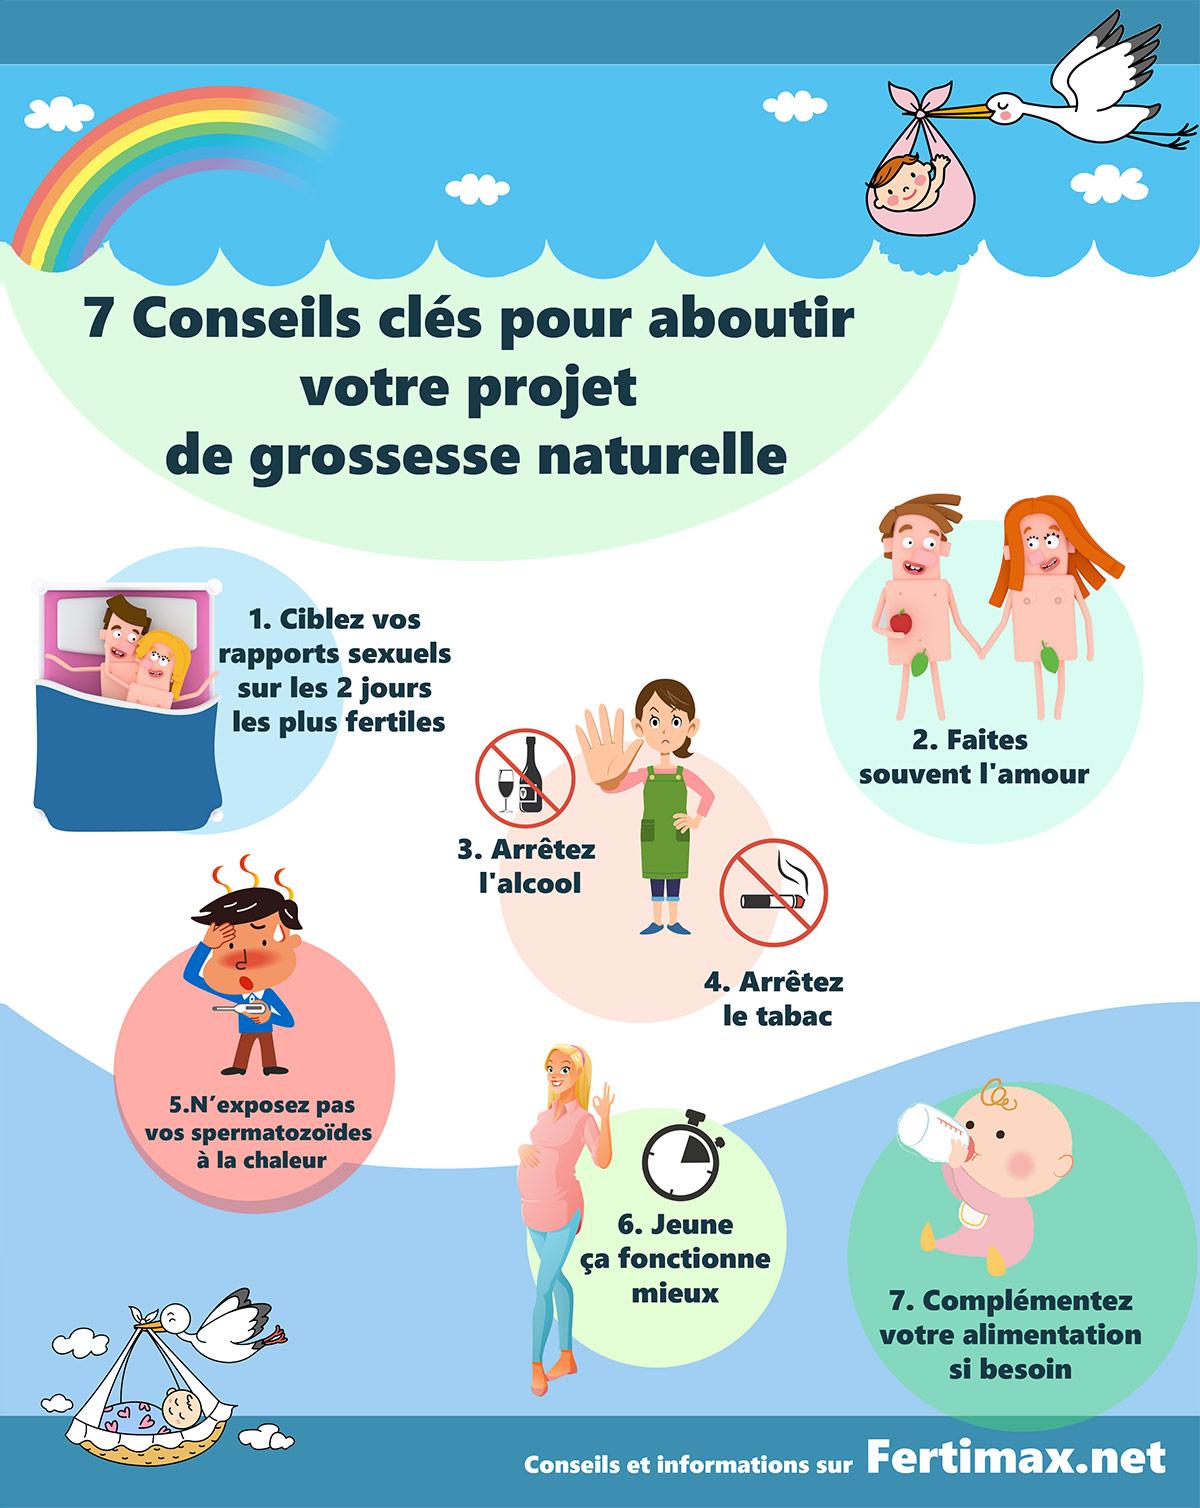 7 conseils clés pour aboutir votre projet de grossesse